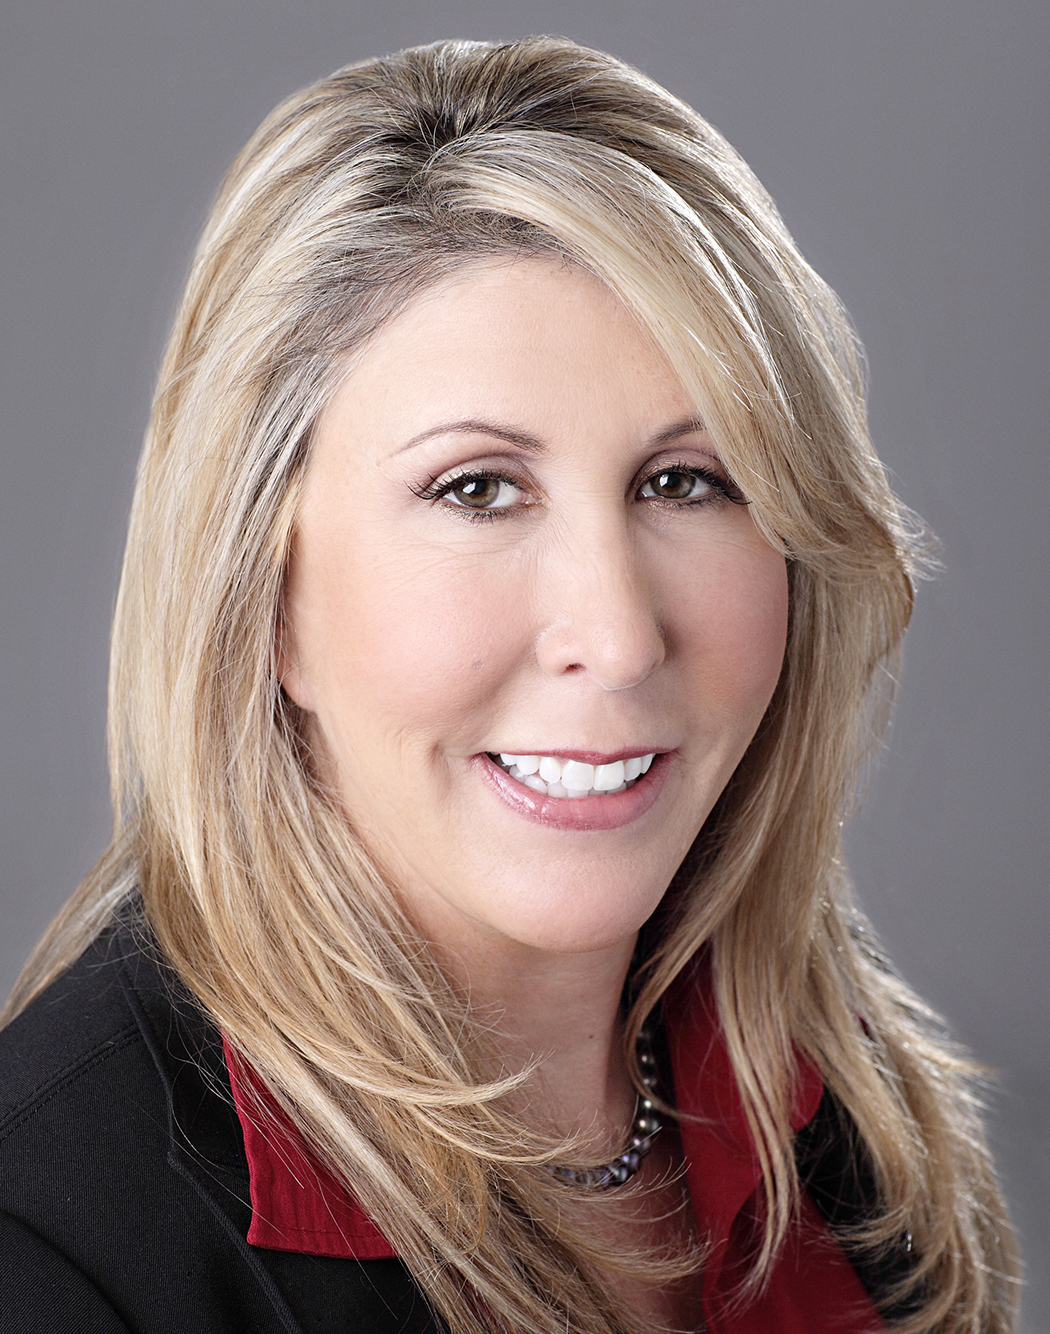 Linda Haskins